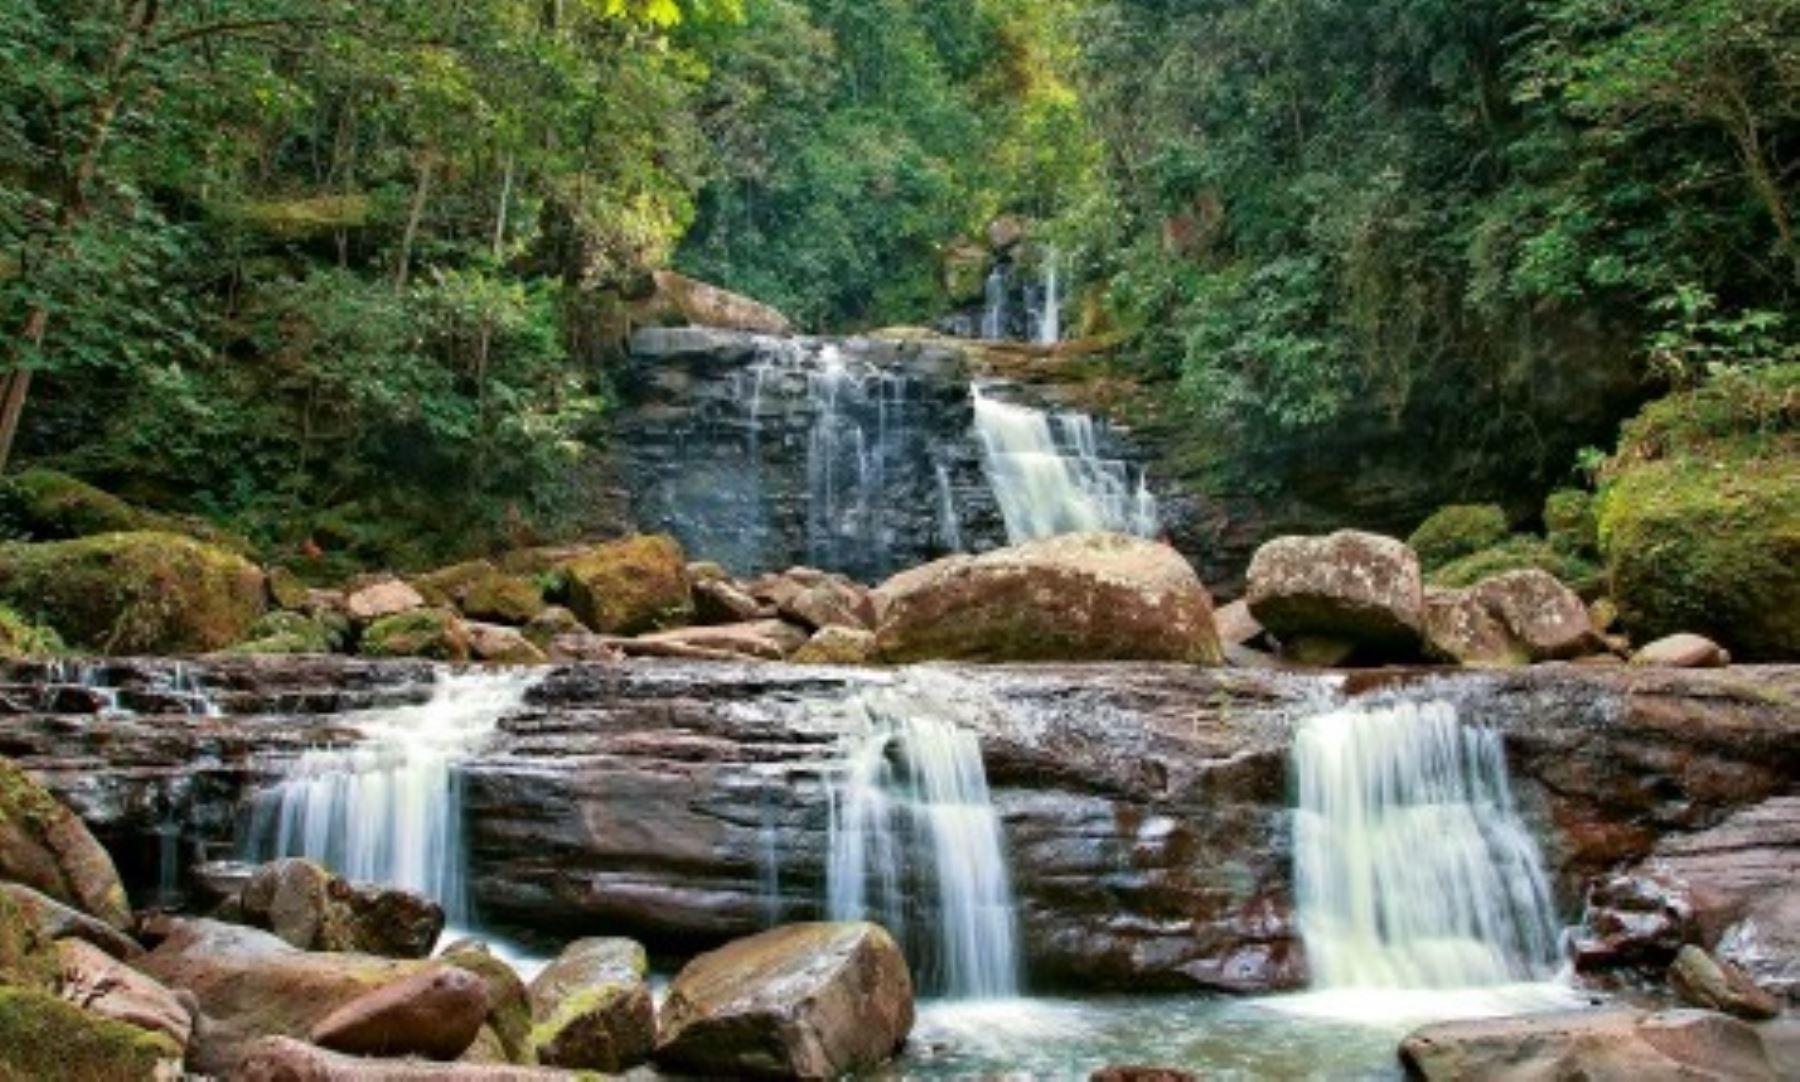 Cascadas de Paccha, ubicadas a las afueras de la ciudad de Moyobamba, región San Martín. Foto: Dirección Regional de Turismo de San Martín.